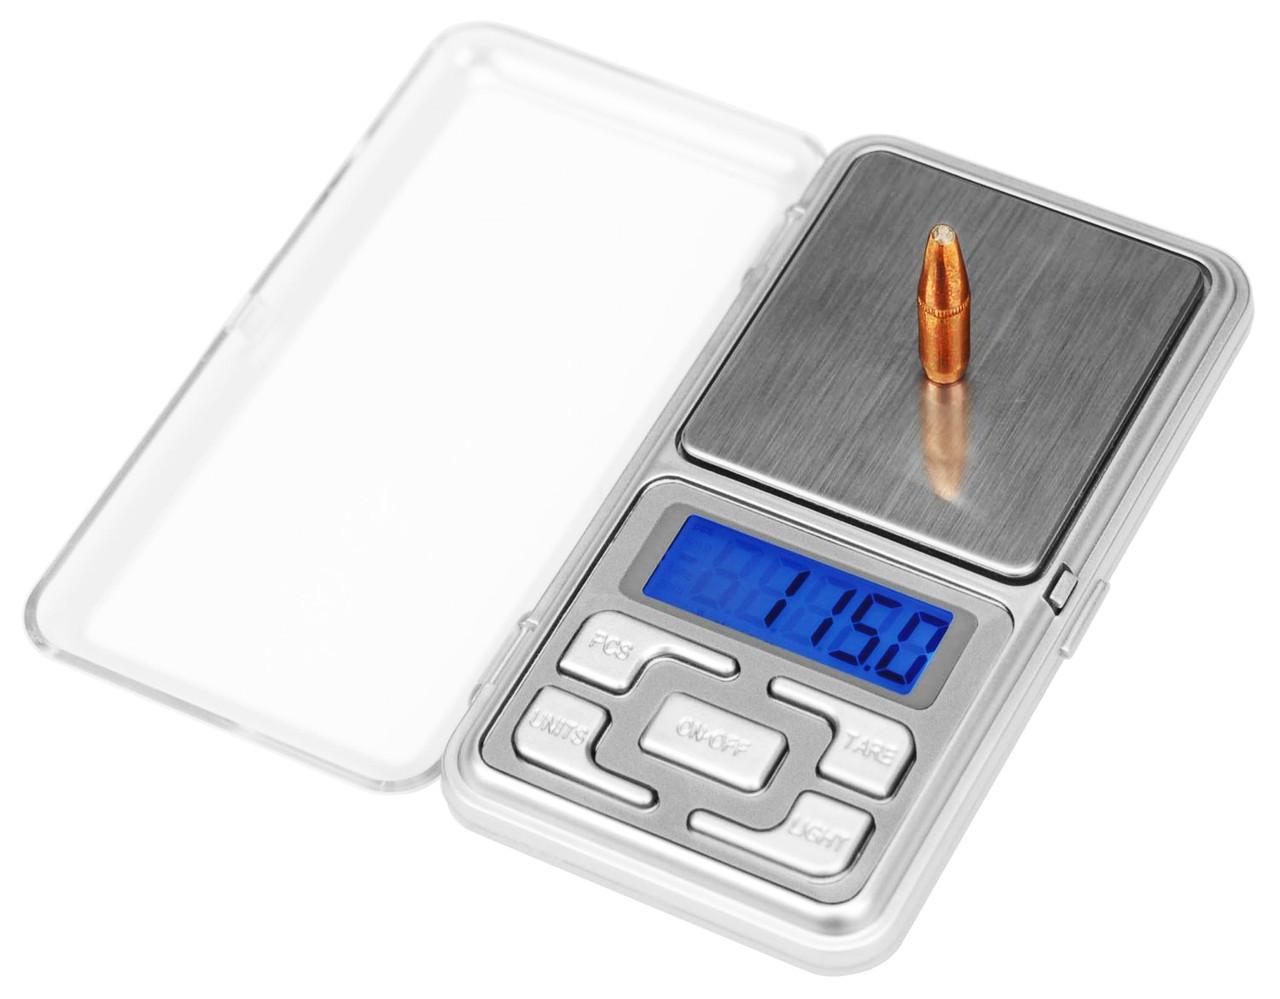 Карманные ювелирные весы 0,01 - 500 гр Domotec MS-1728A, Портативные, электронные 500гр